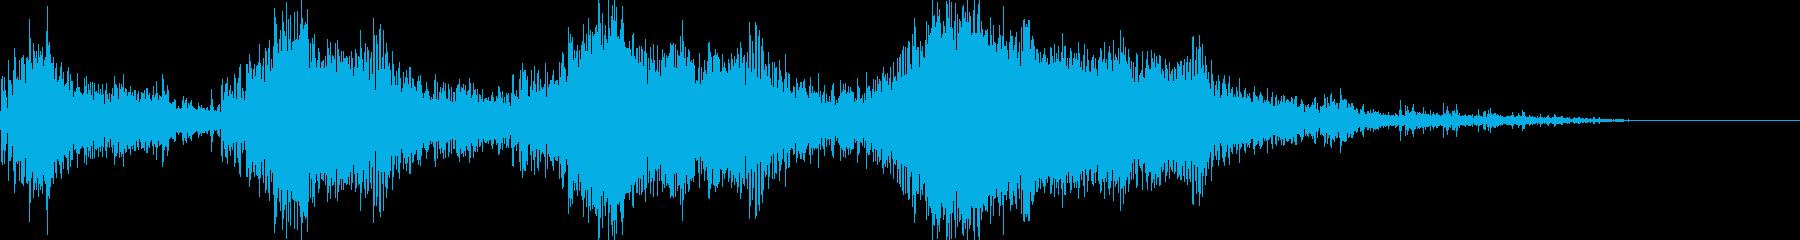 バイク オートバイの迫力あるアクセル音2の再生済みの波形